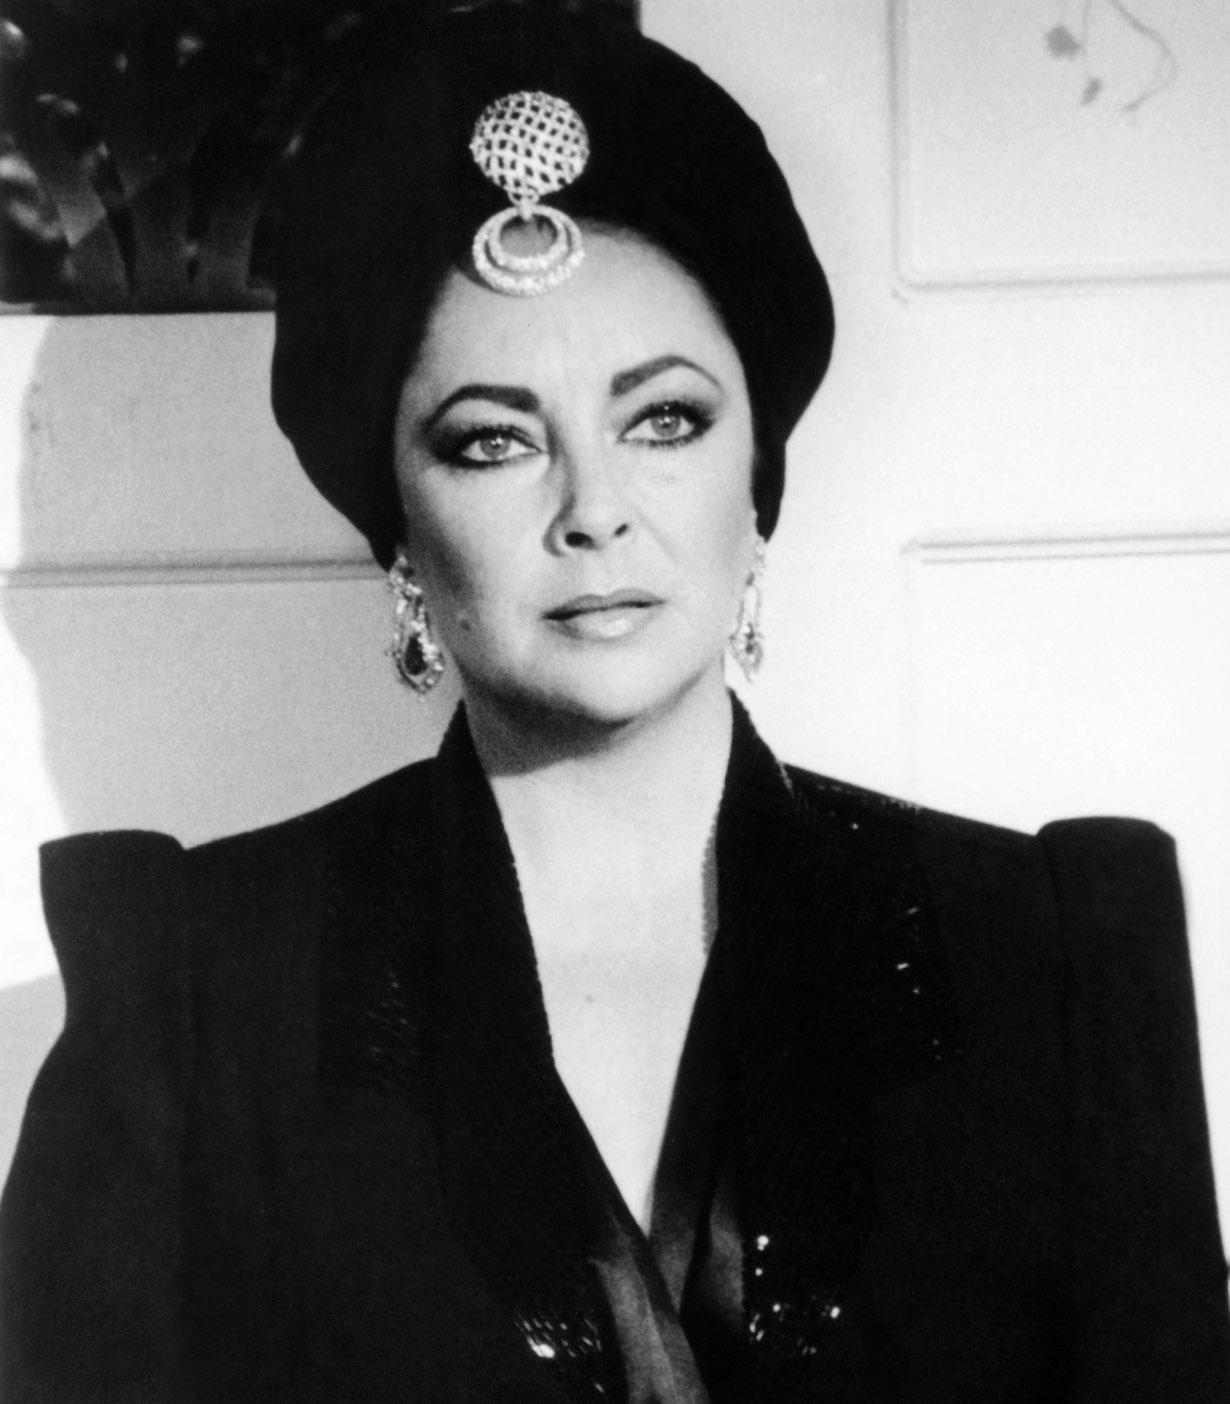 GENERAL HOSPITAL, Elizabeth Taylor, aired November 1981